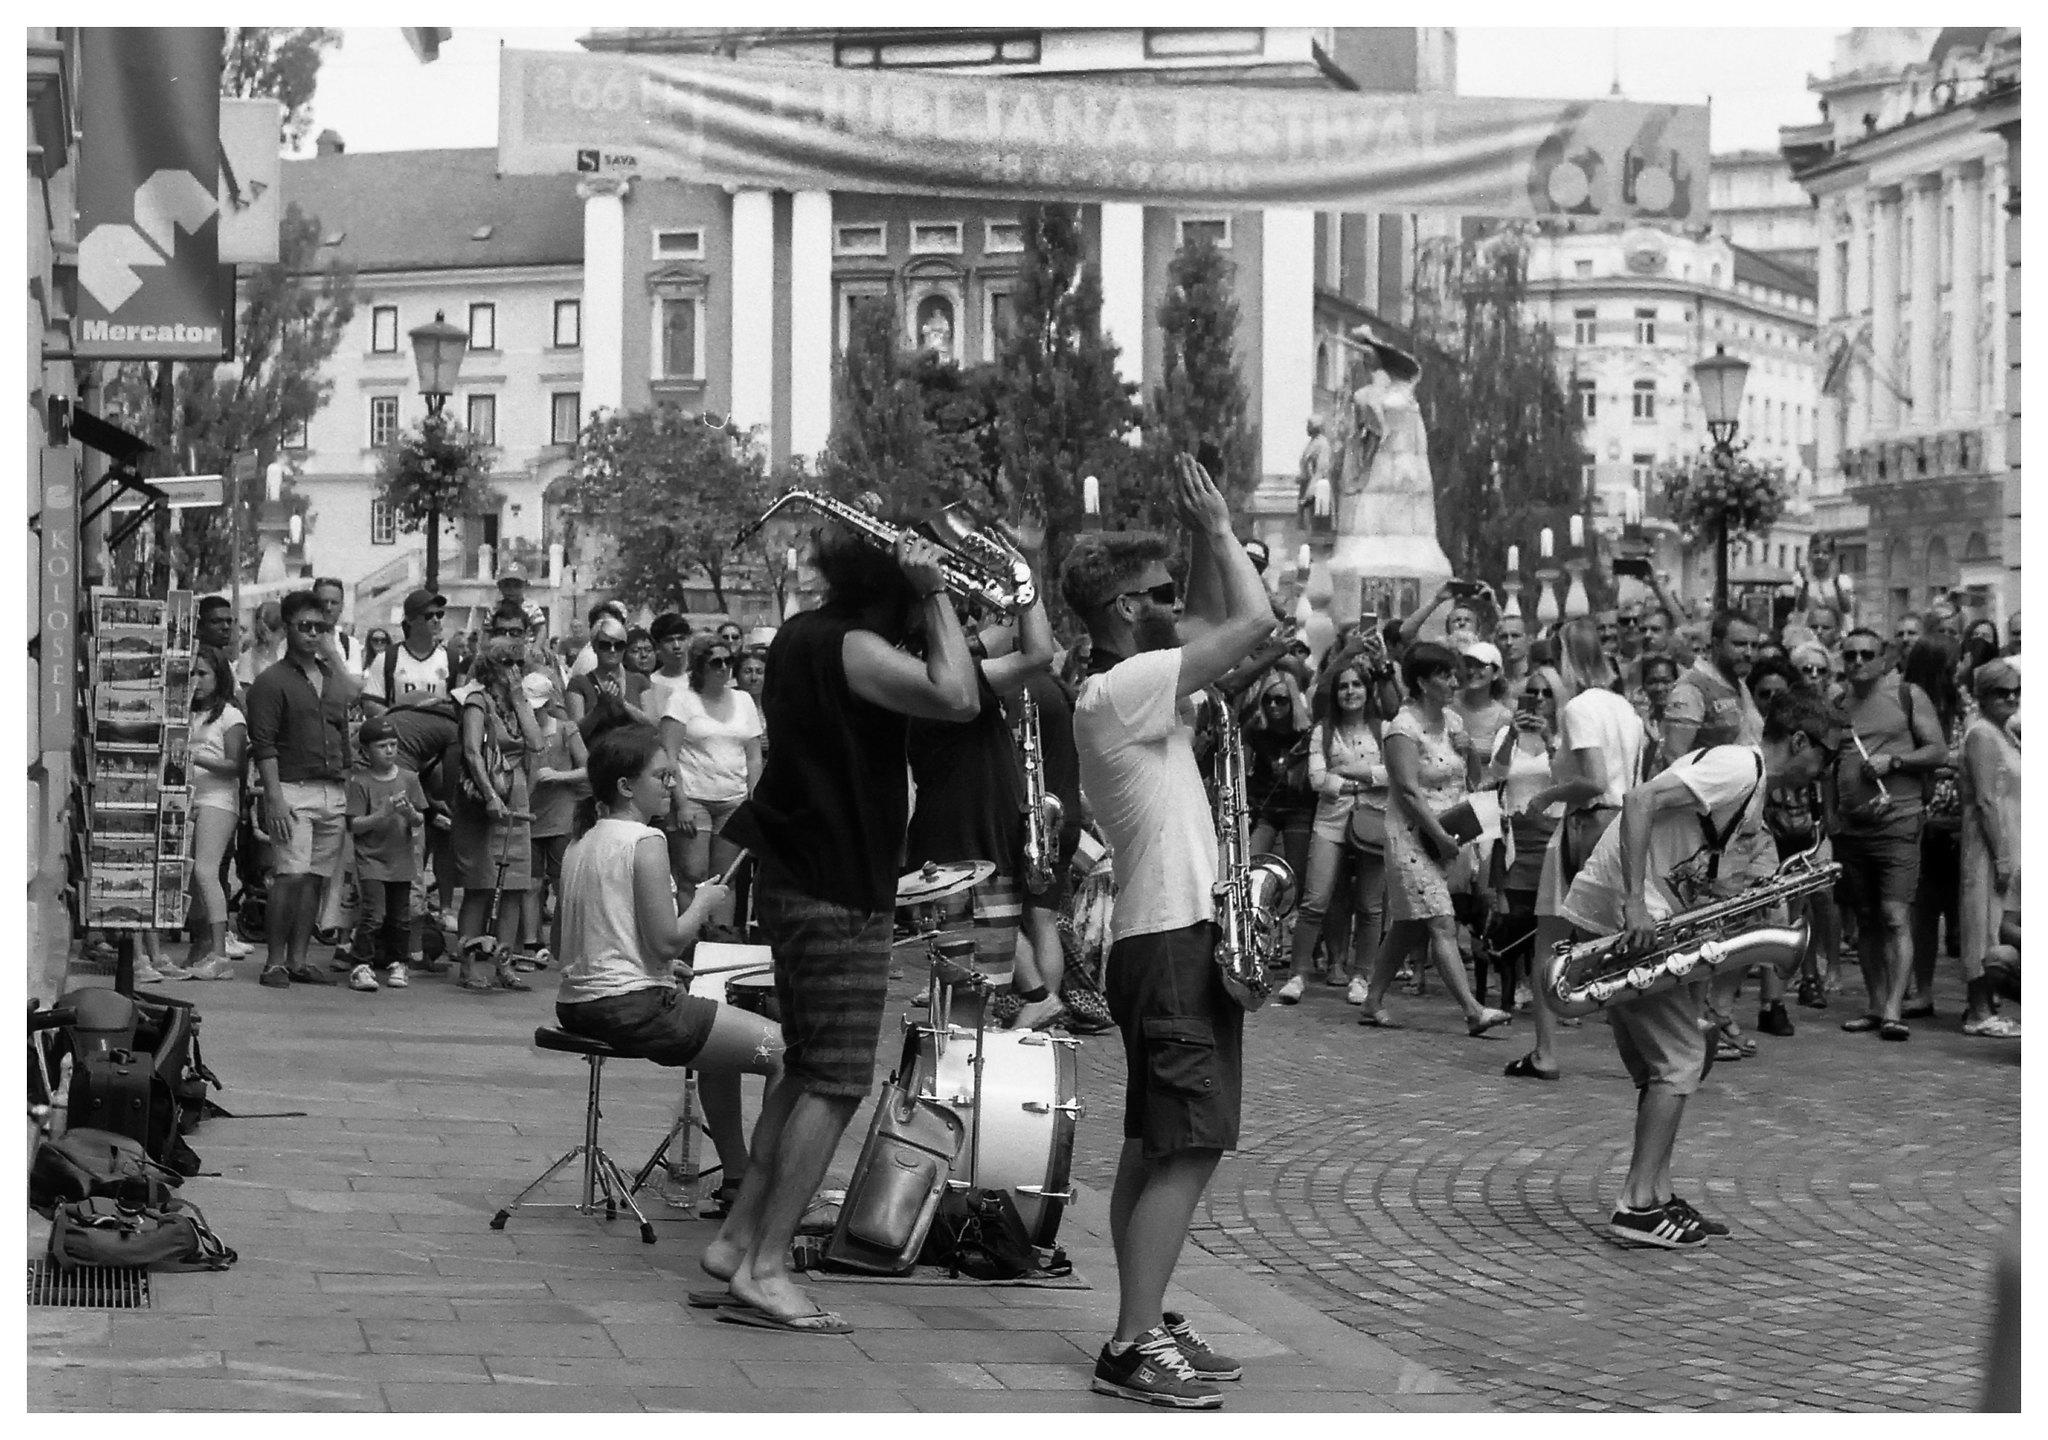 Ljublijana sax band